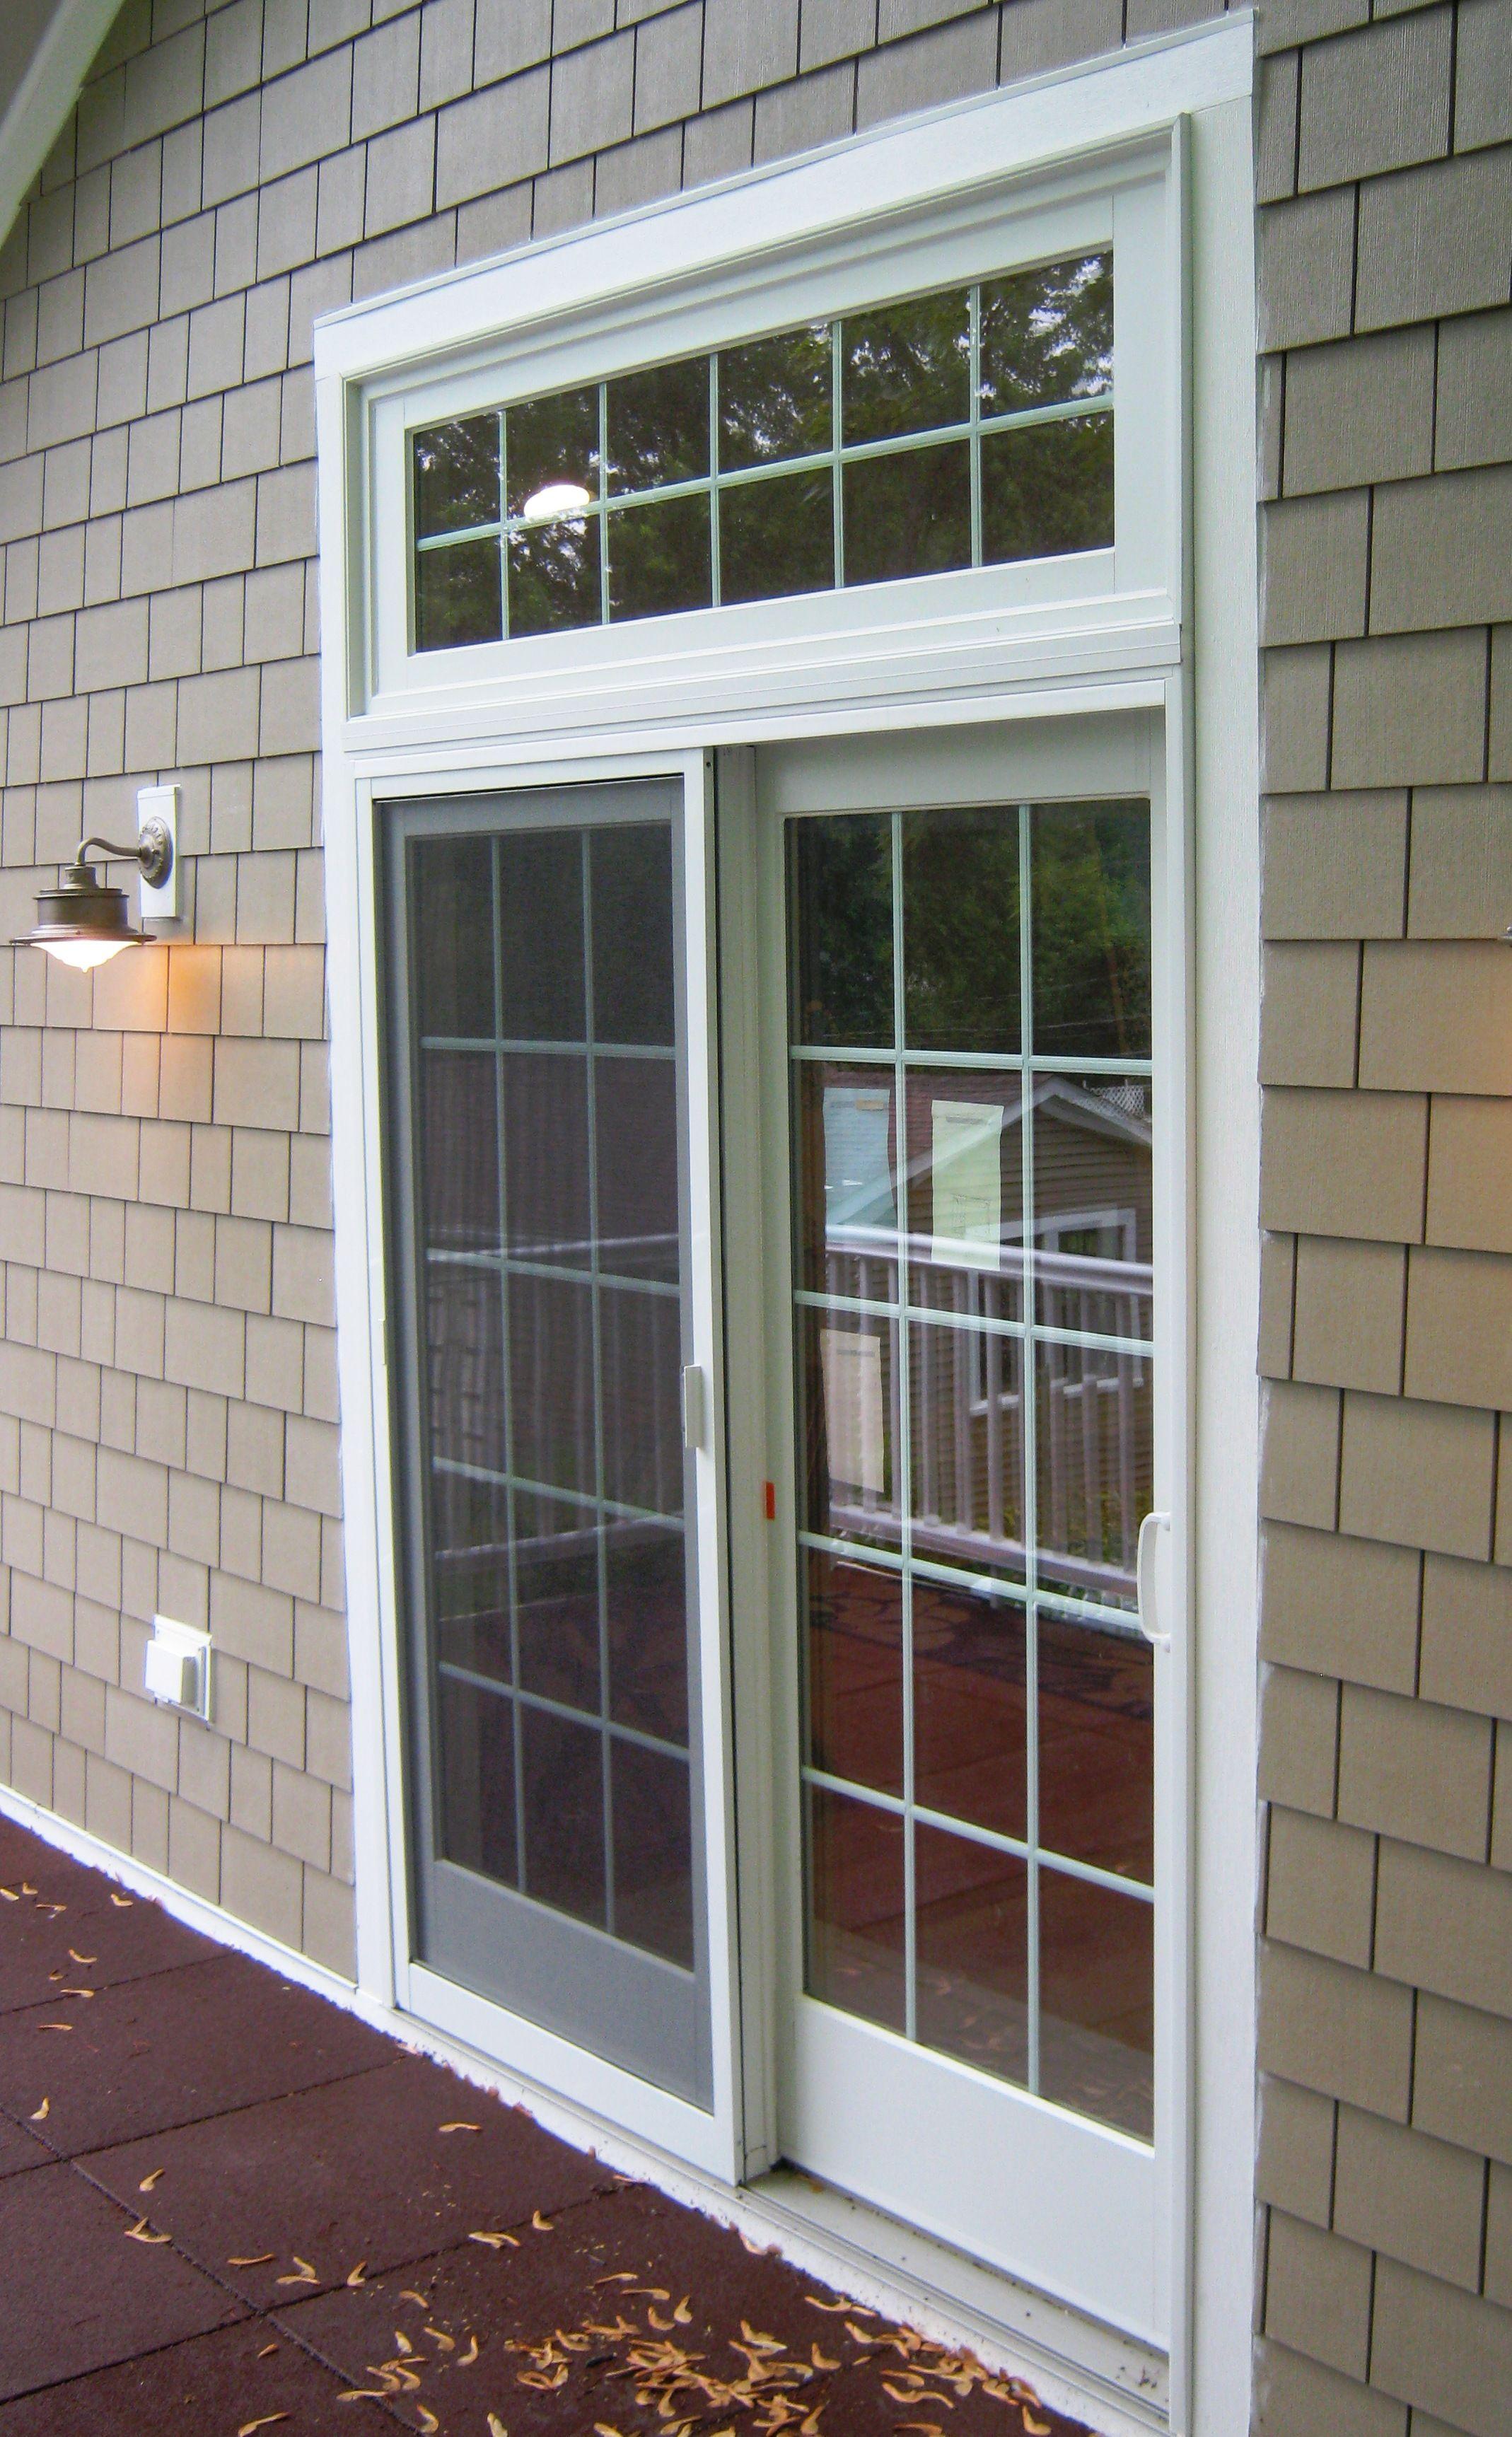 Exterior Sliding Glass Door With Window Above Installing Exterior Door Door Installation Exterior Sliding Glass Doors